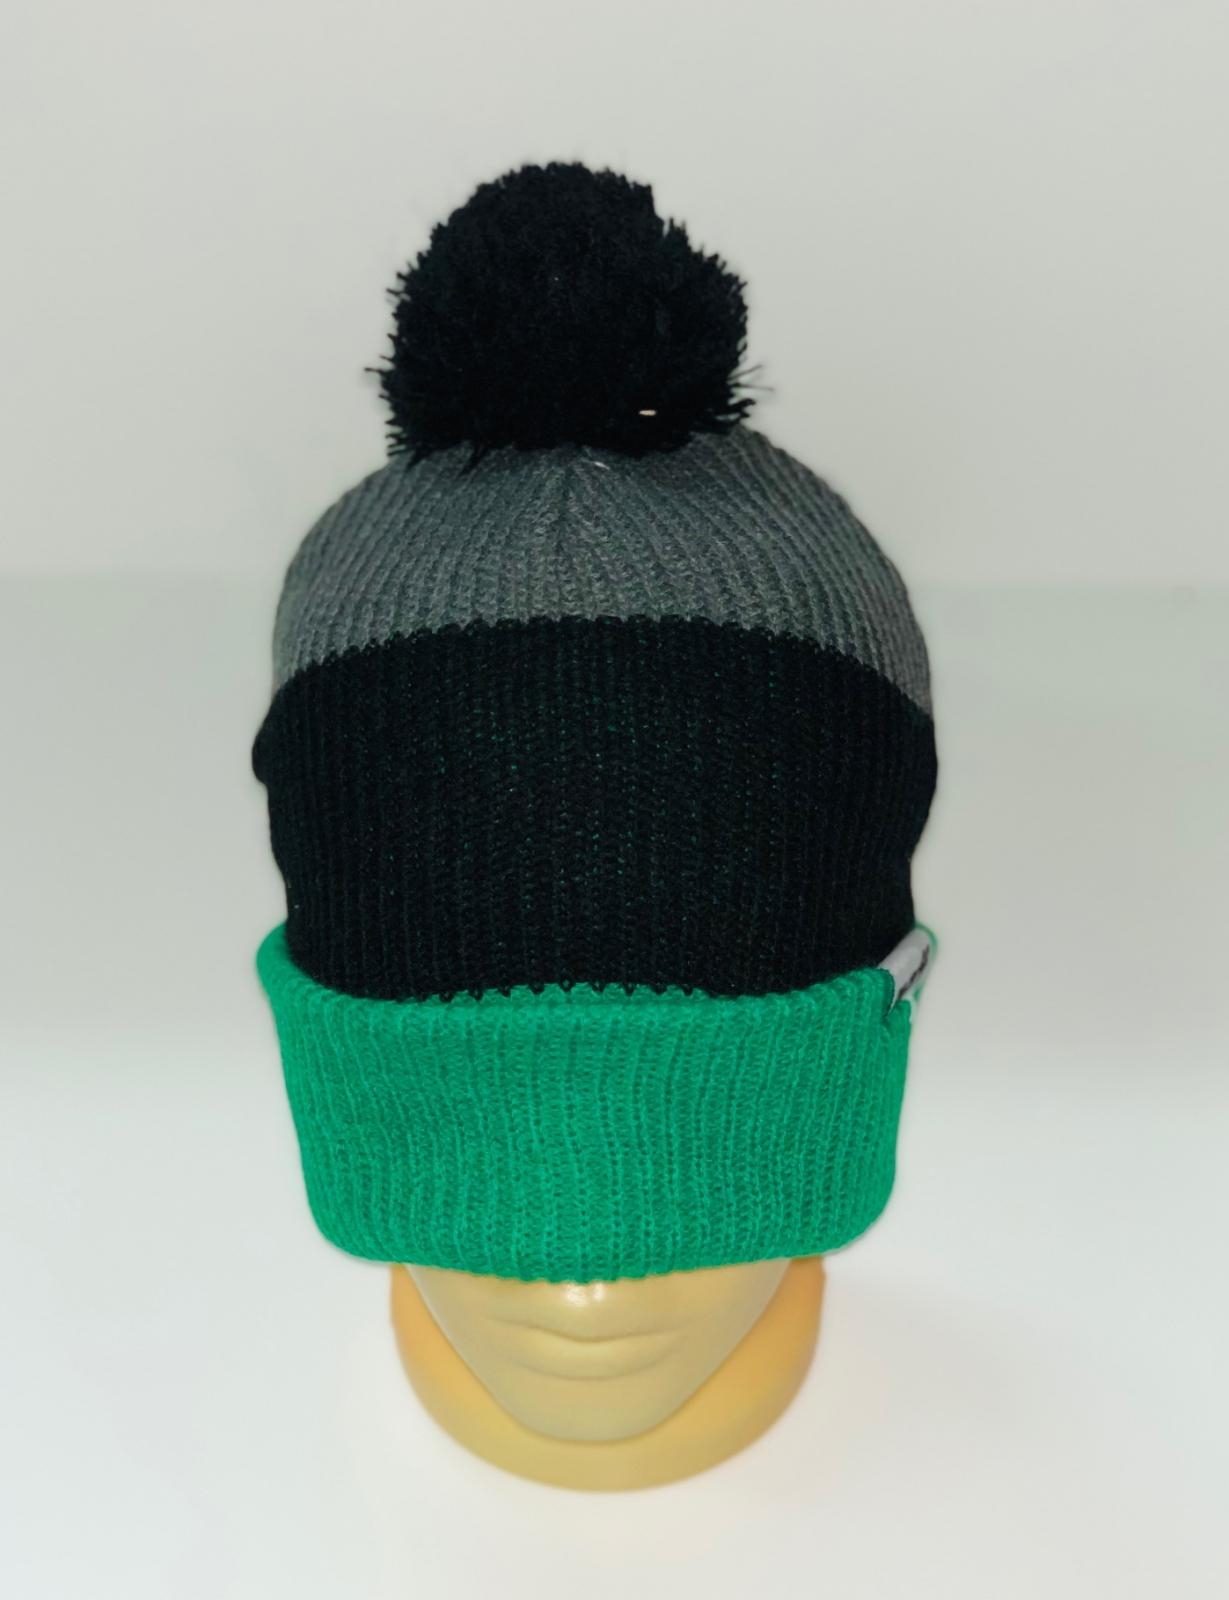 Трехцветная крутая шапка с помпоном